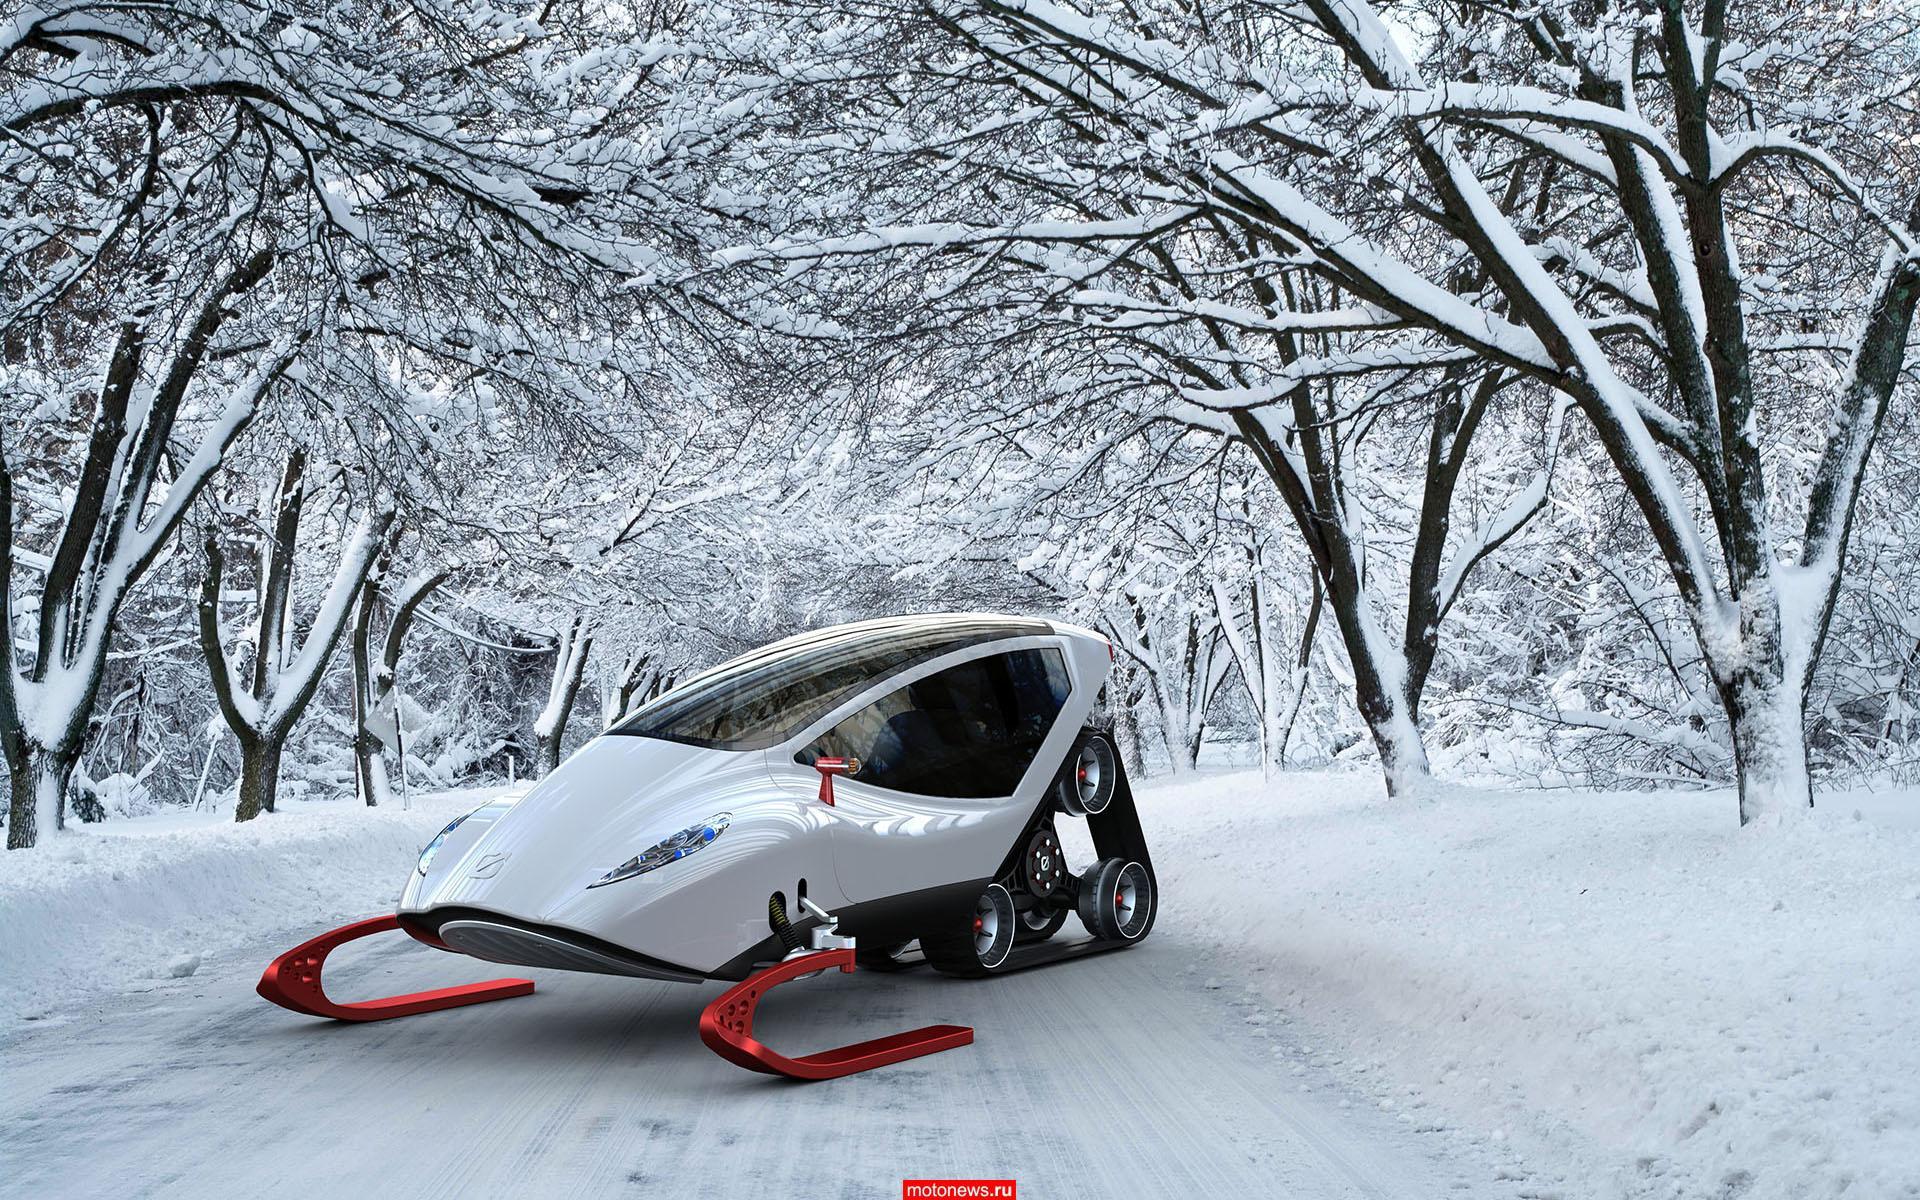 Снегоход будущего?